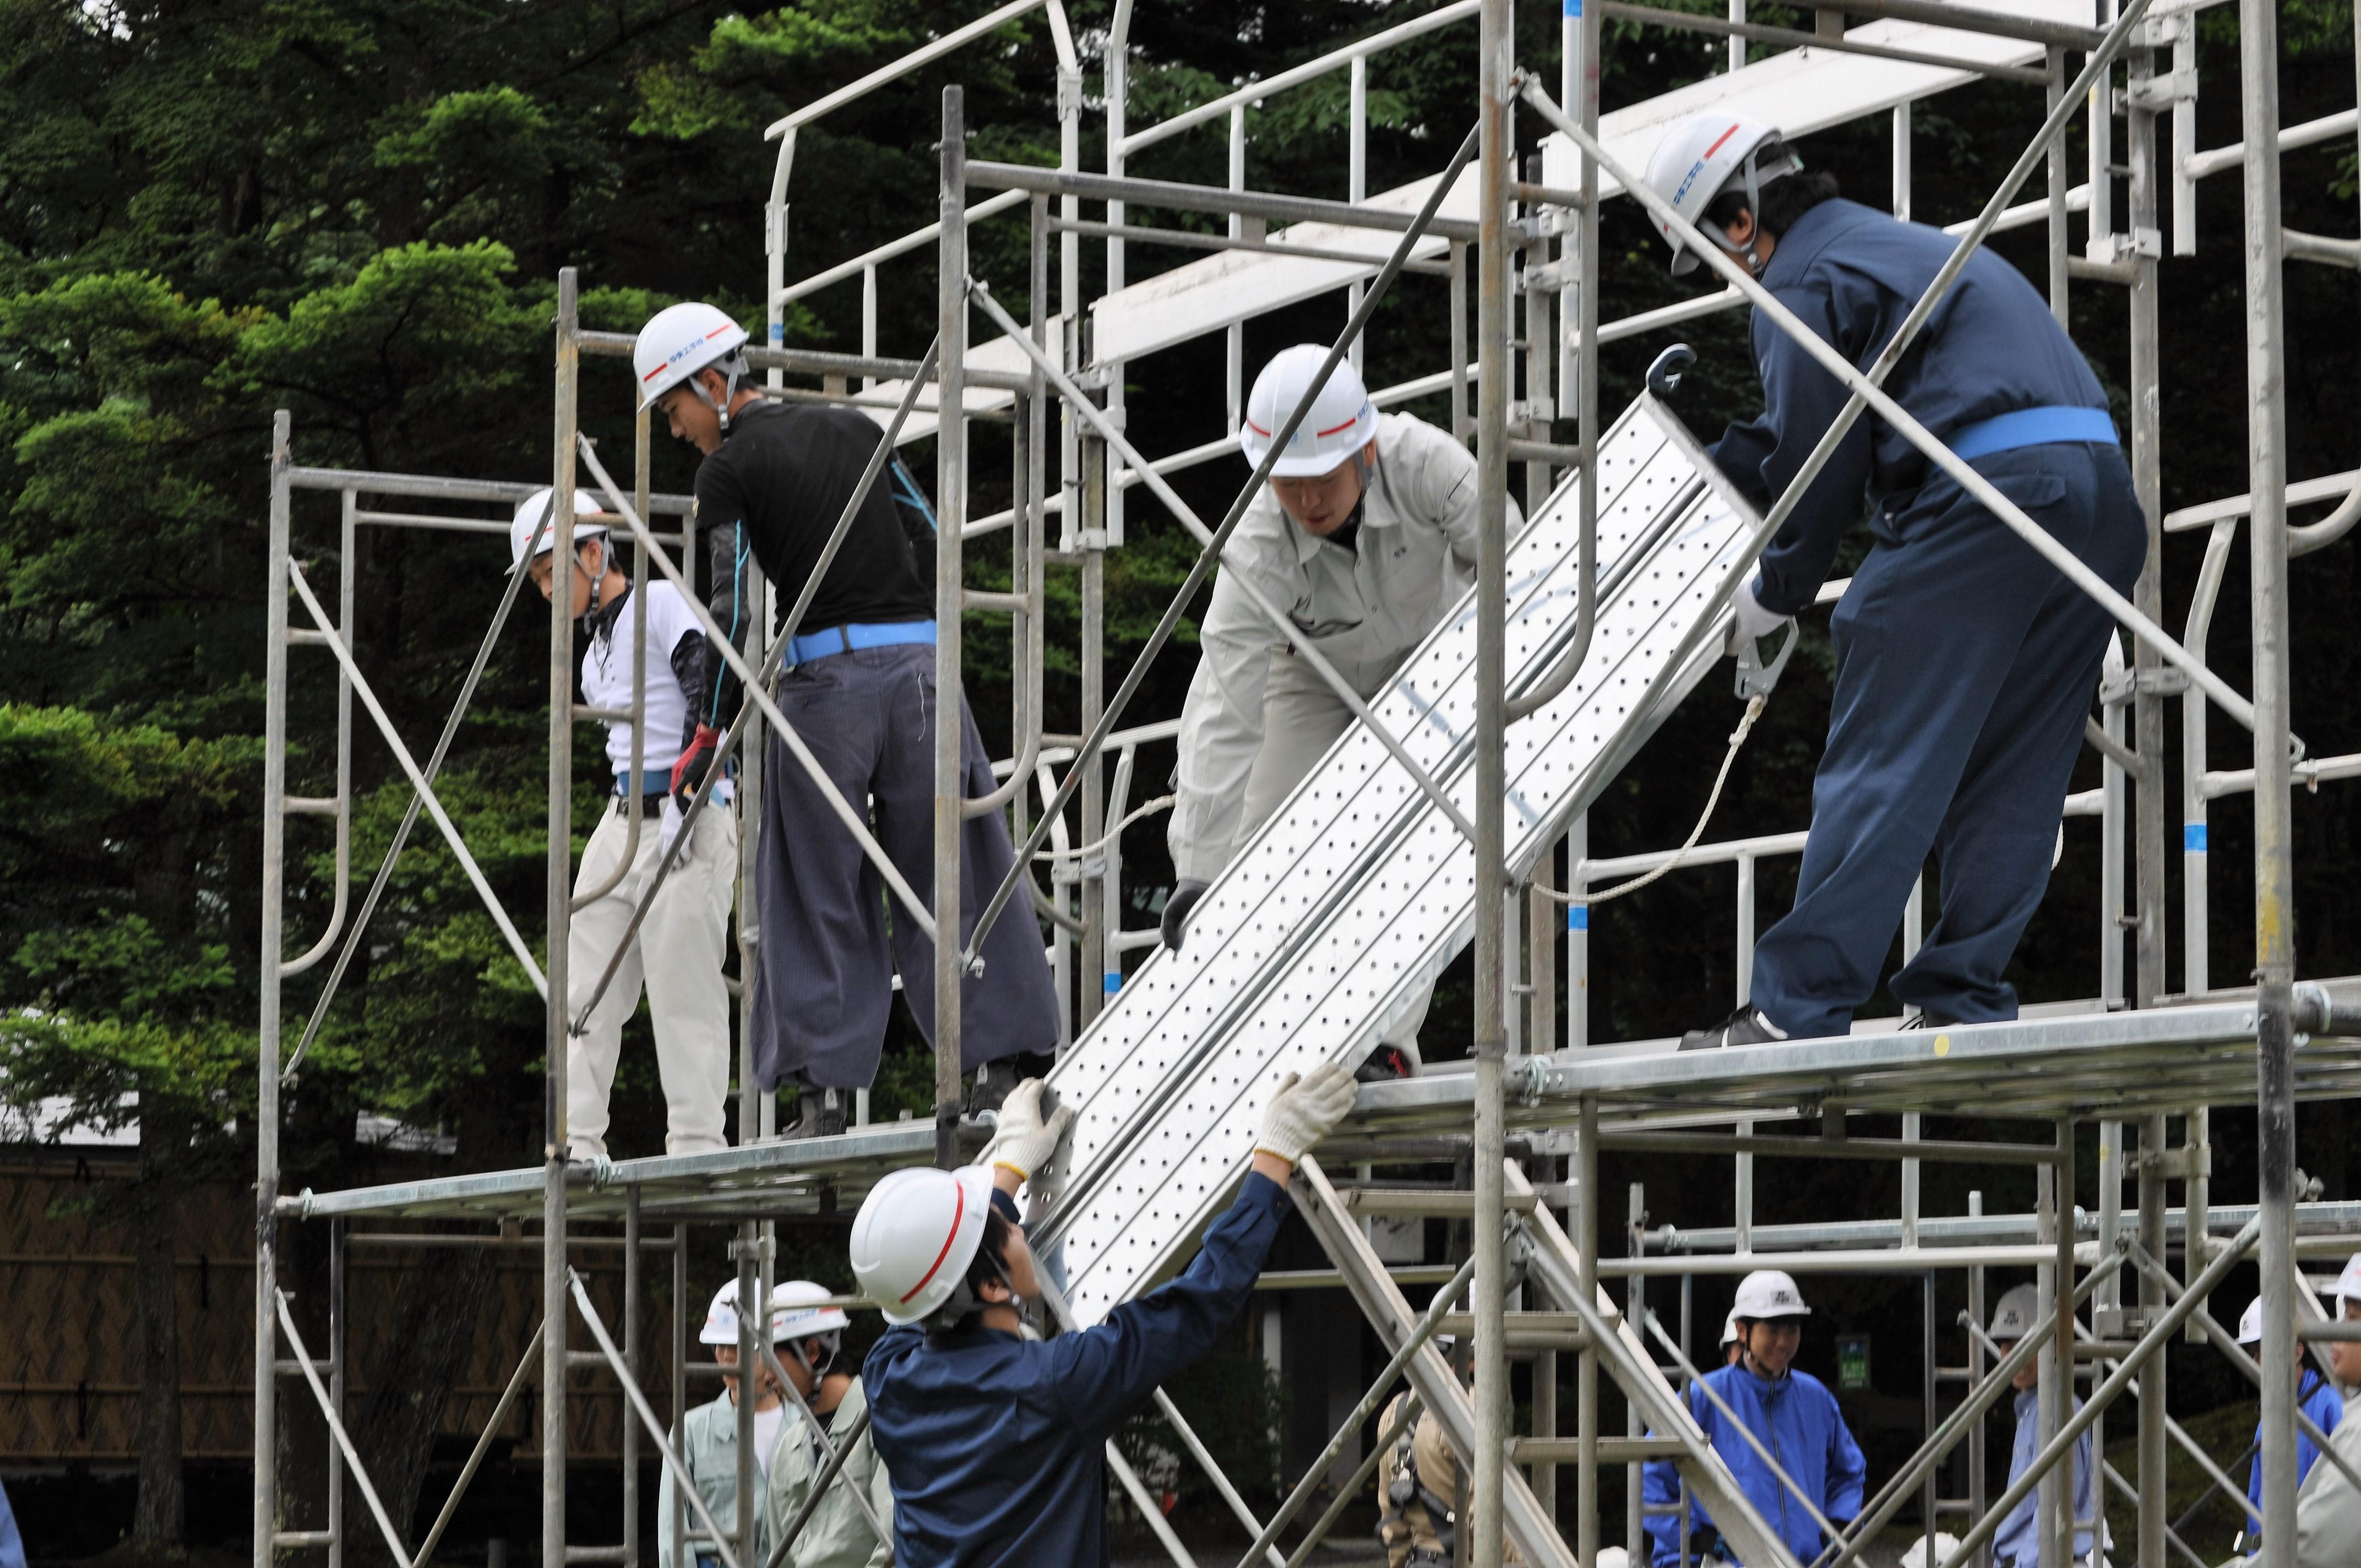 Đơn hàng giàn giáo quay lại Nhật lần 2 tại Aichi